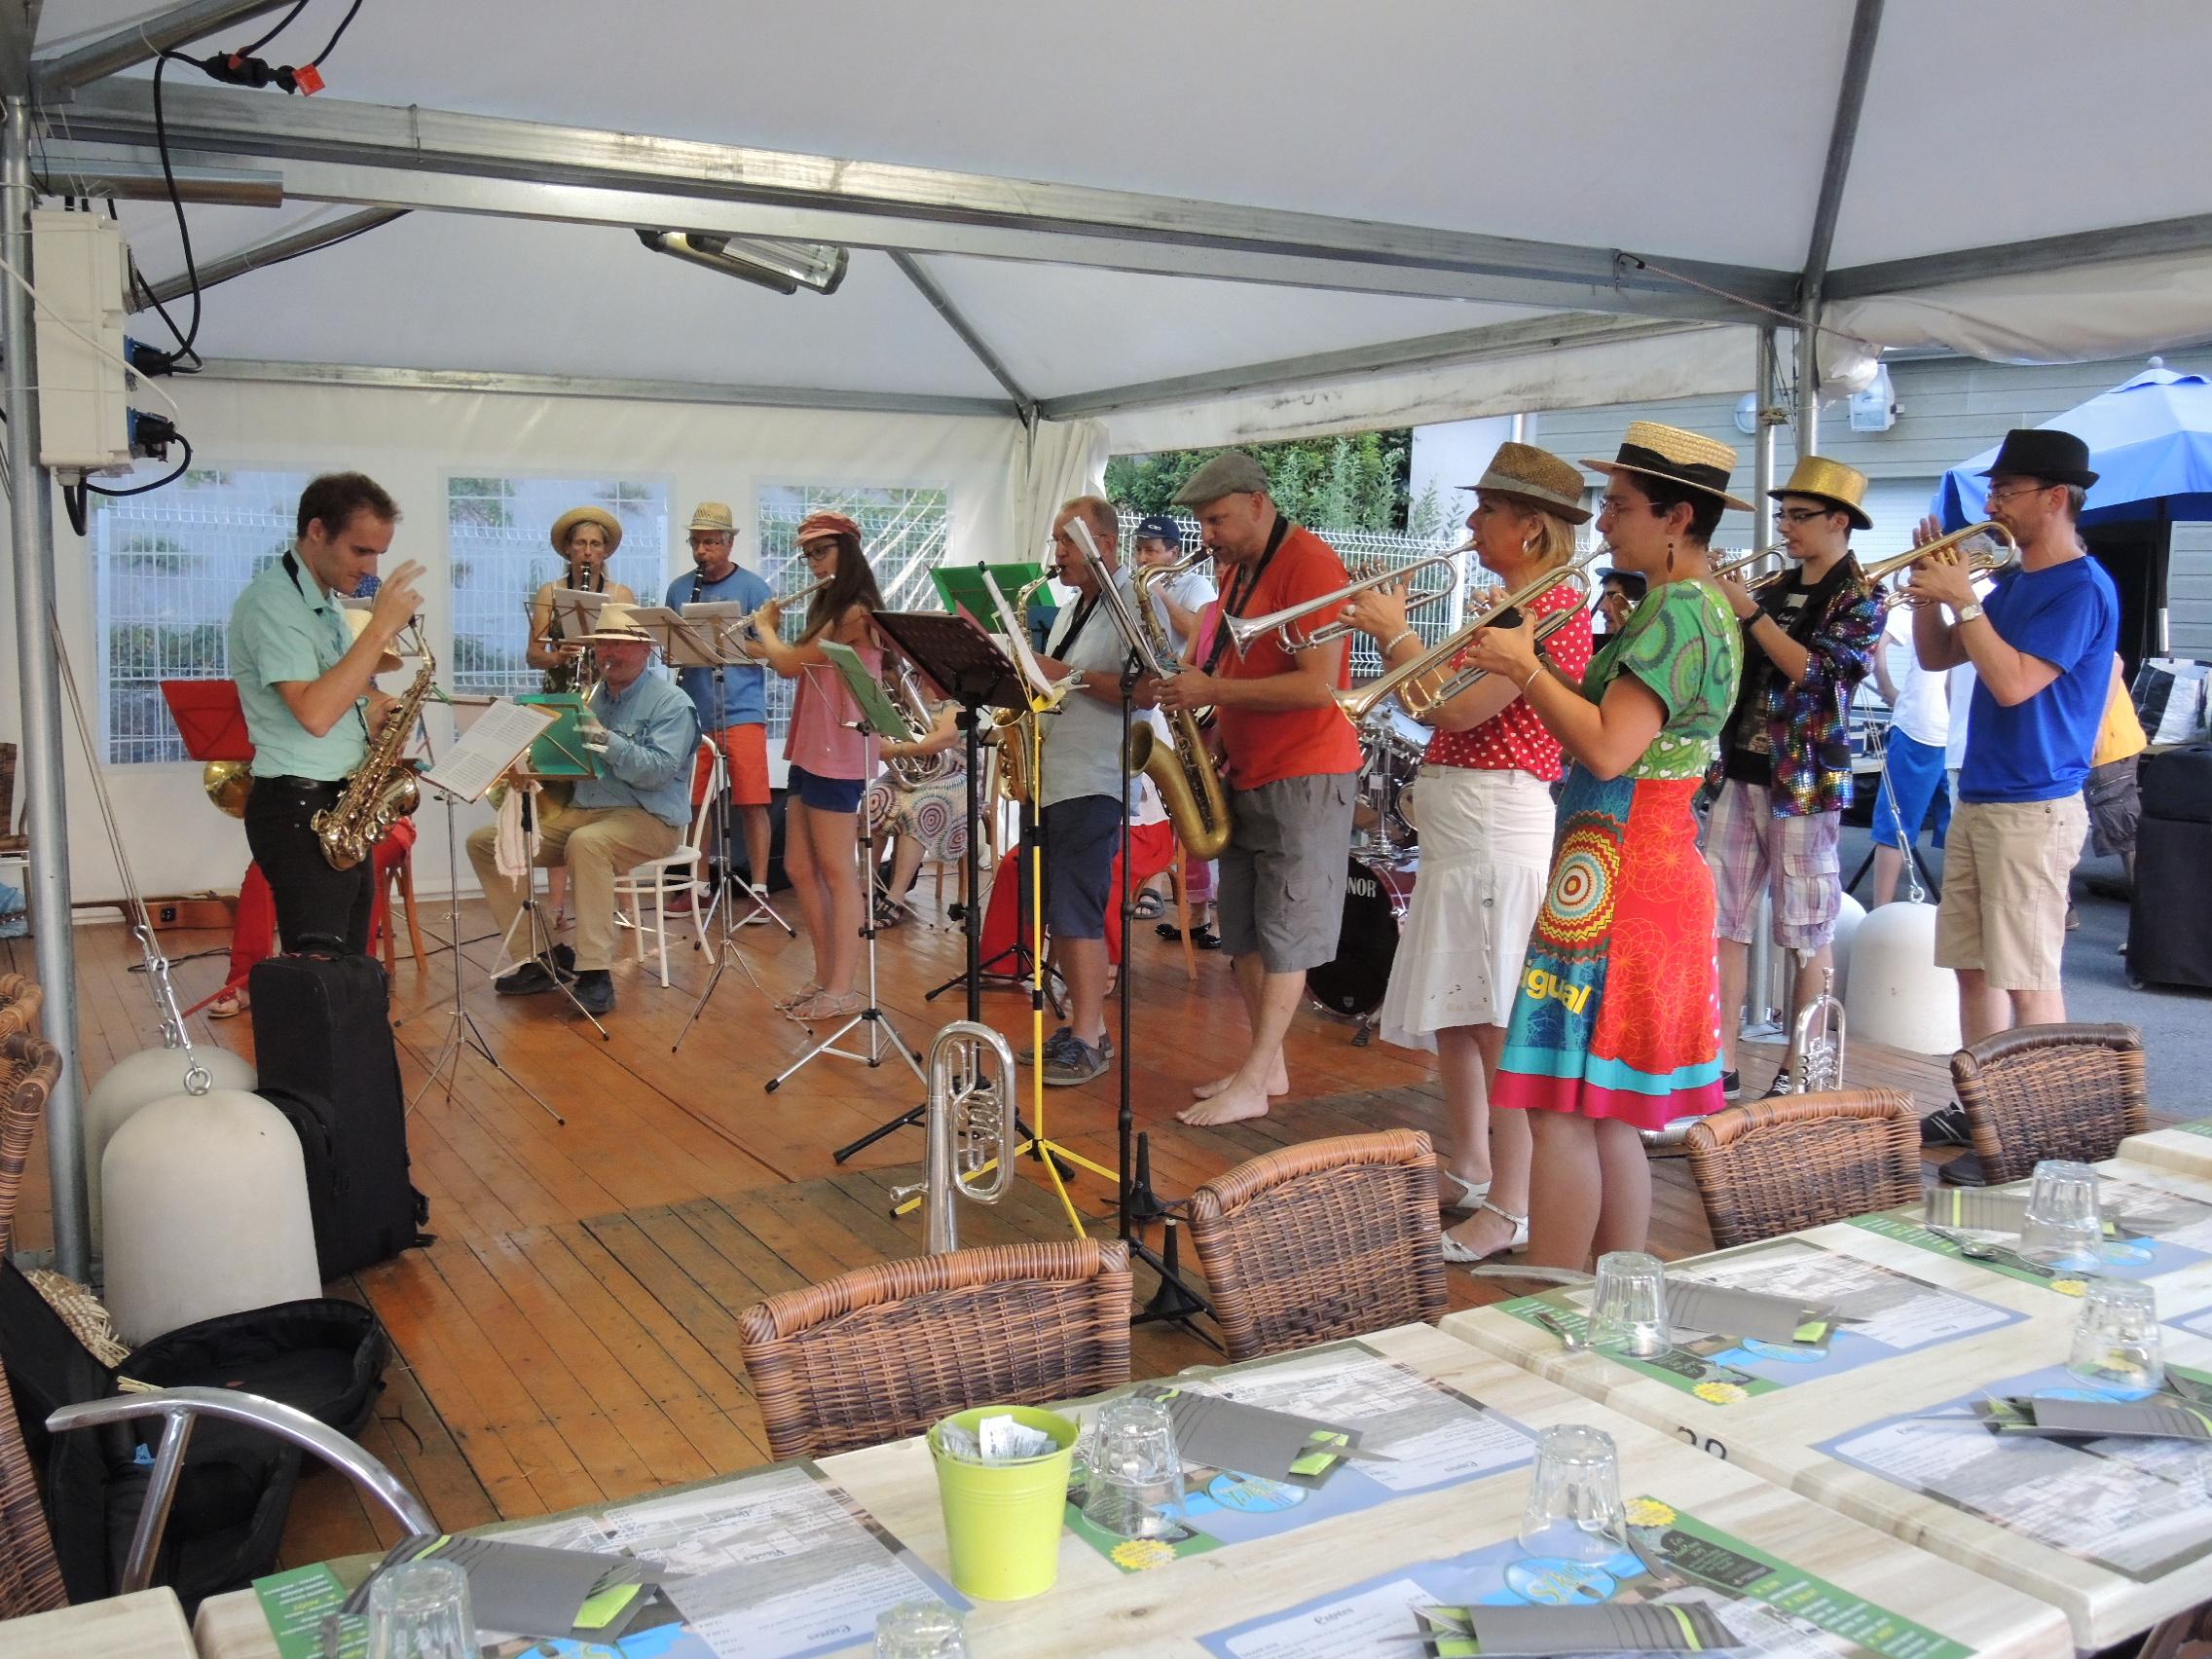 Musique et d couverte l orchestre musique et d couverte - Piscine des dronieres cruseilles ...